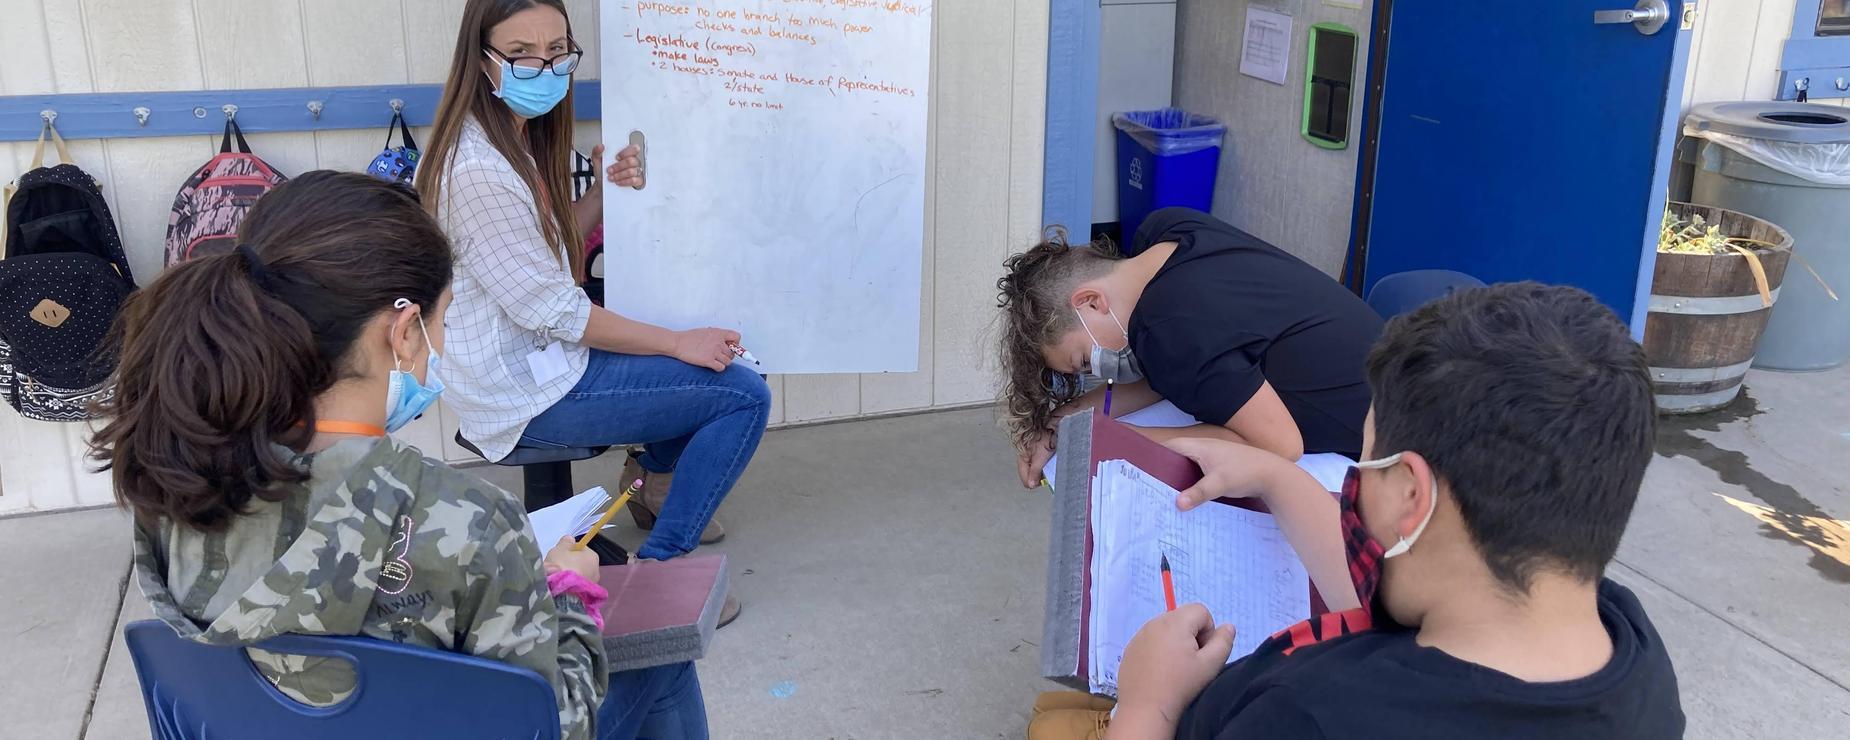 Vick outside lesson